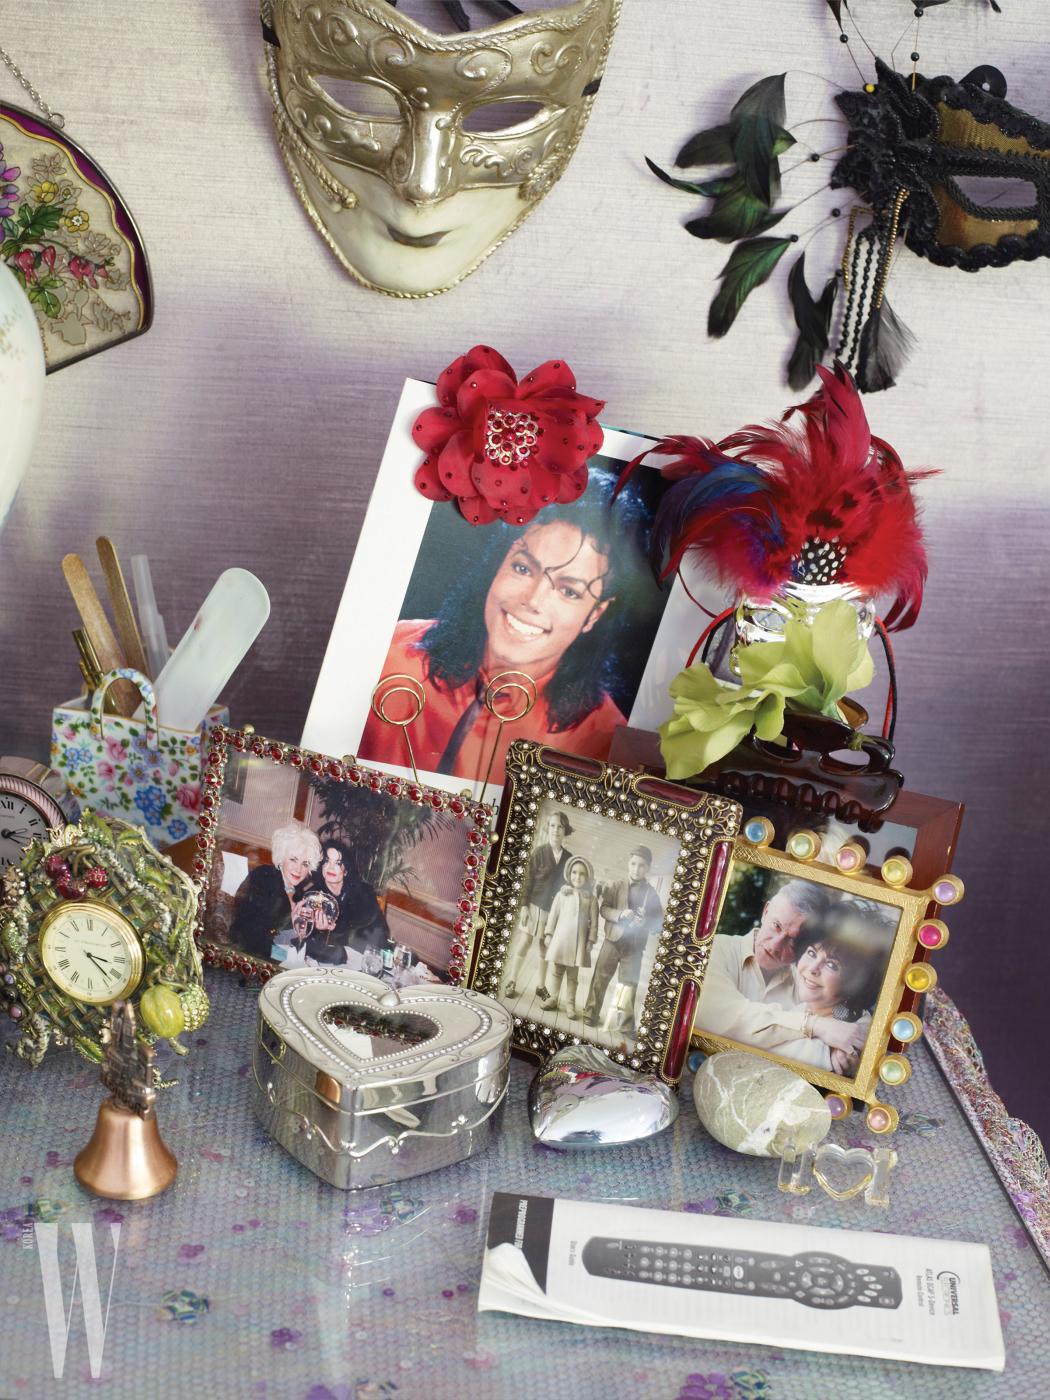 캐서린 오피의 작품 '700 Nimes Road, Bedside Table', 2010〜11. Copyright: Courtesy the artist and Regen Projects, Los Angeles ⓒ Catherine Opie